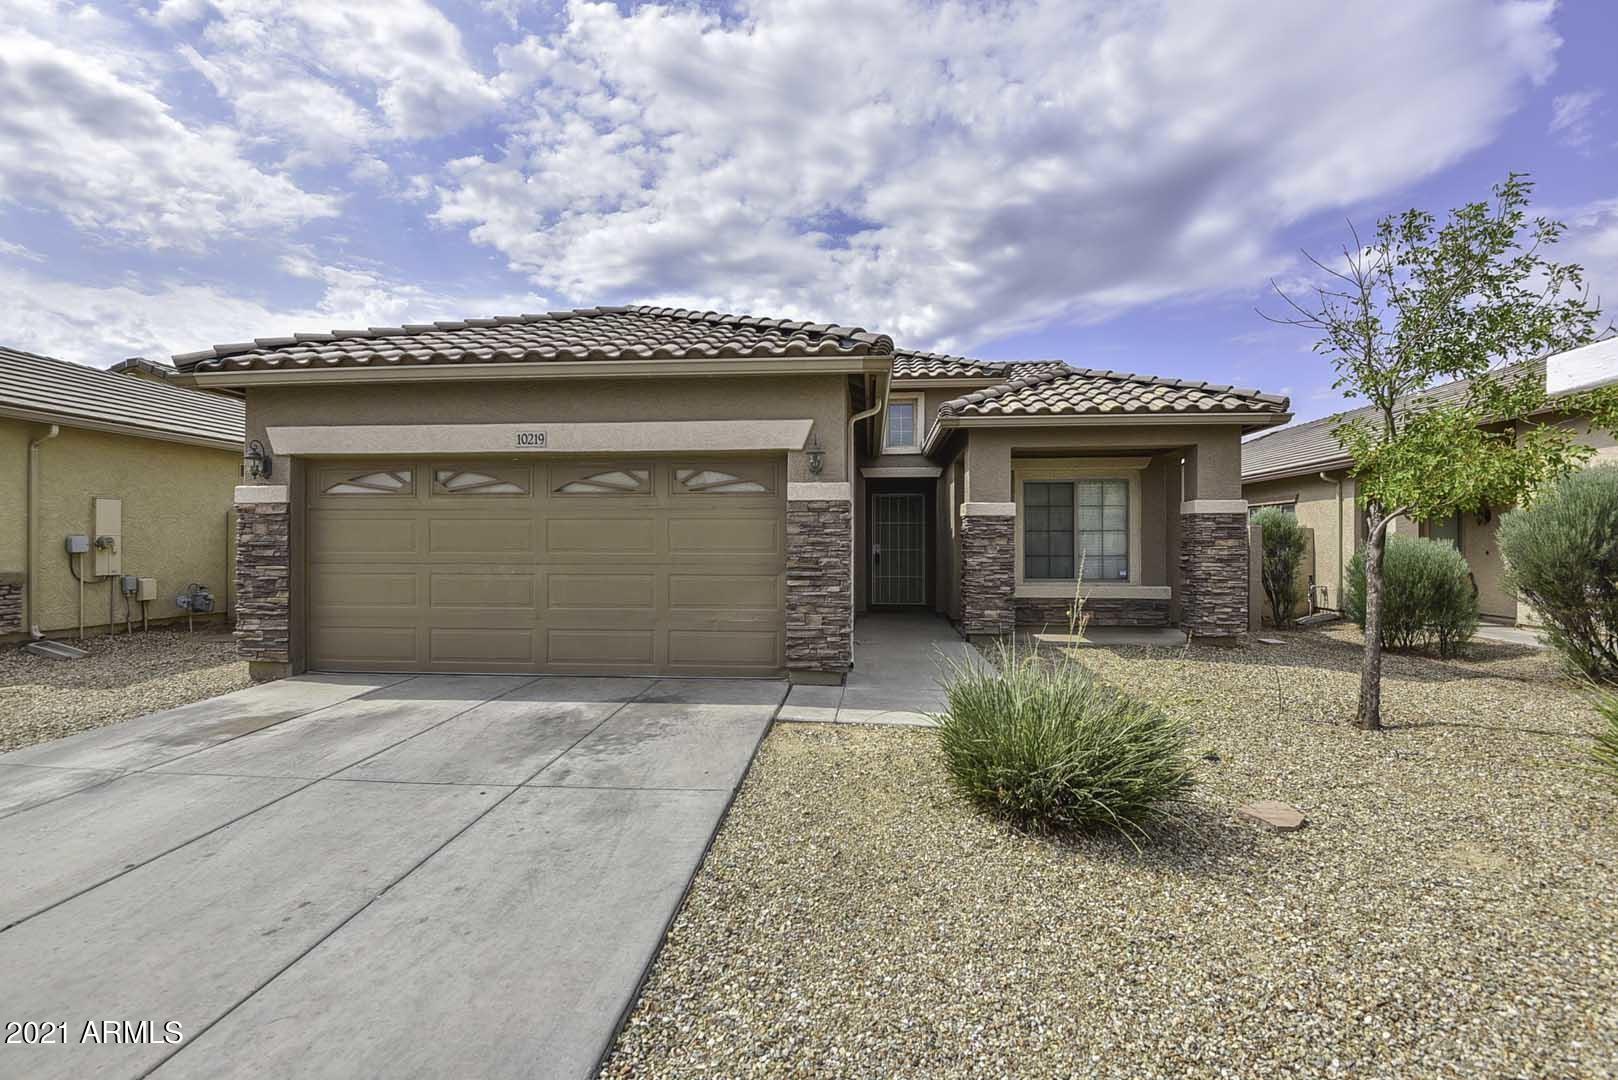 Photo of 10219 W LUXTON Lane, Tolleson, AZ 85353 (MLS # 6265726)